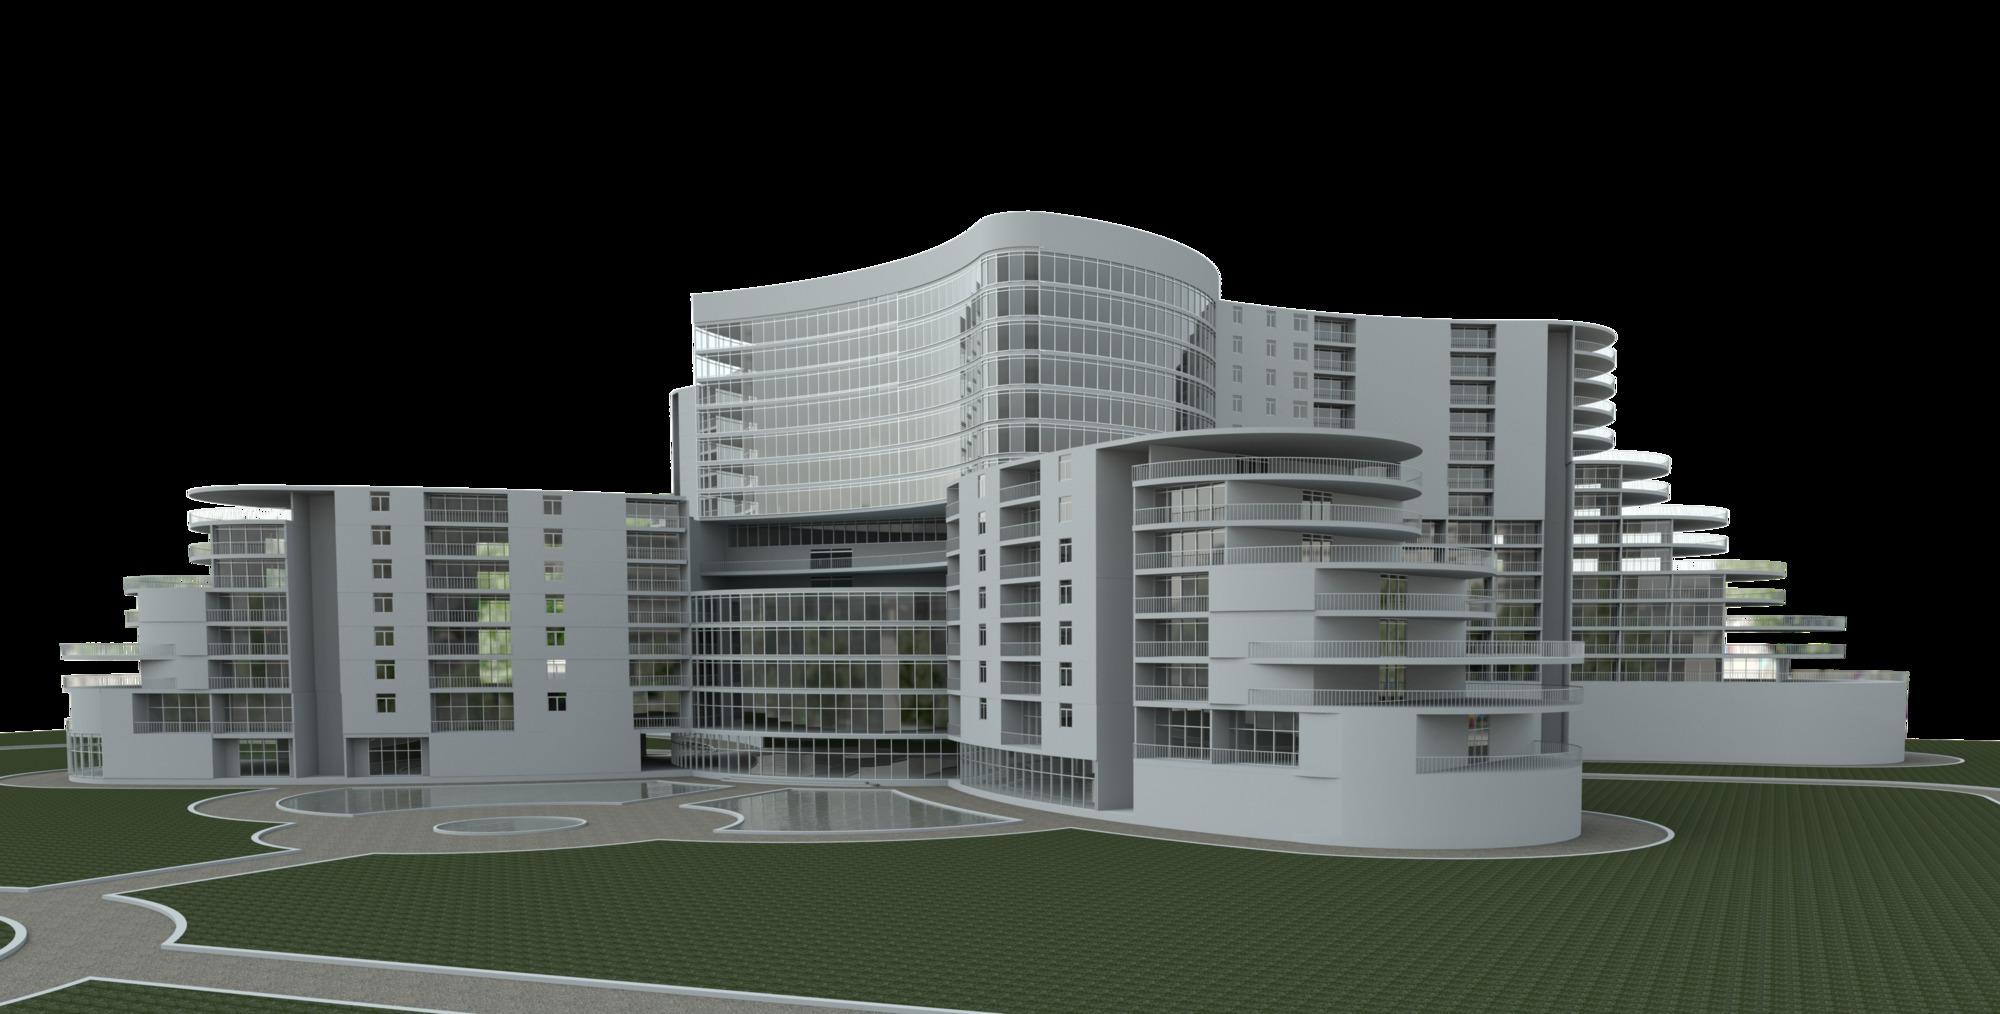 Raas-rendering20140914-4448-likr4v